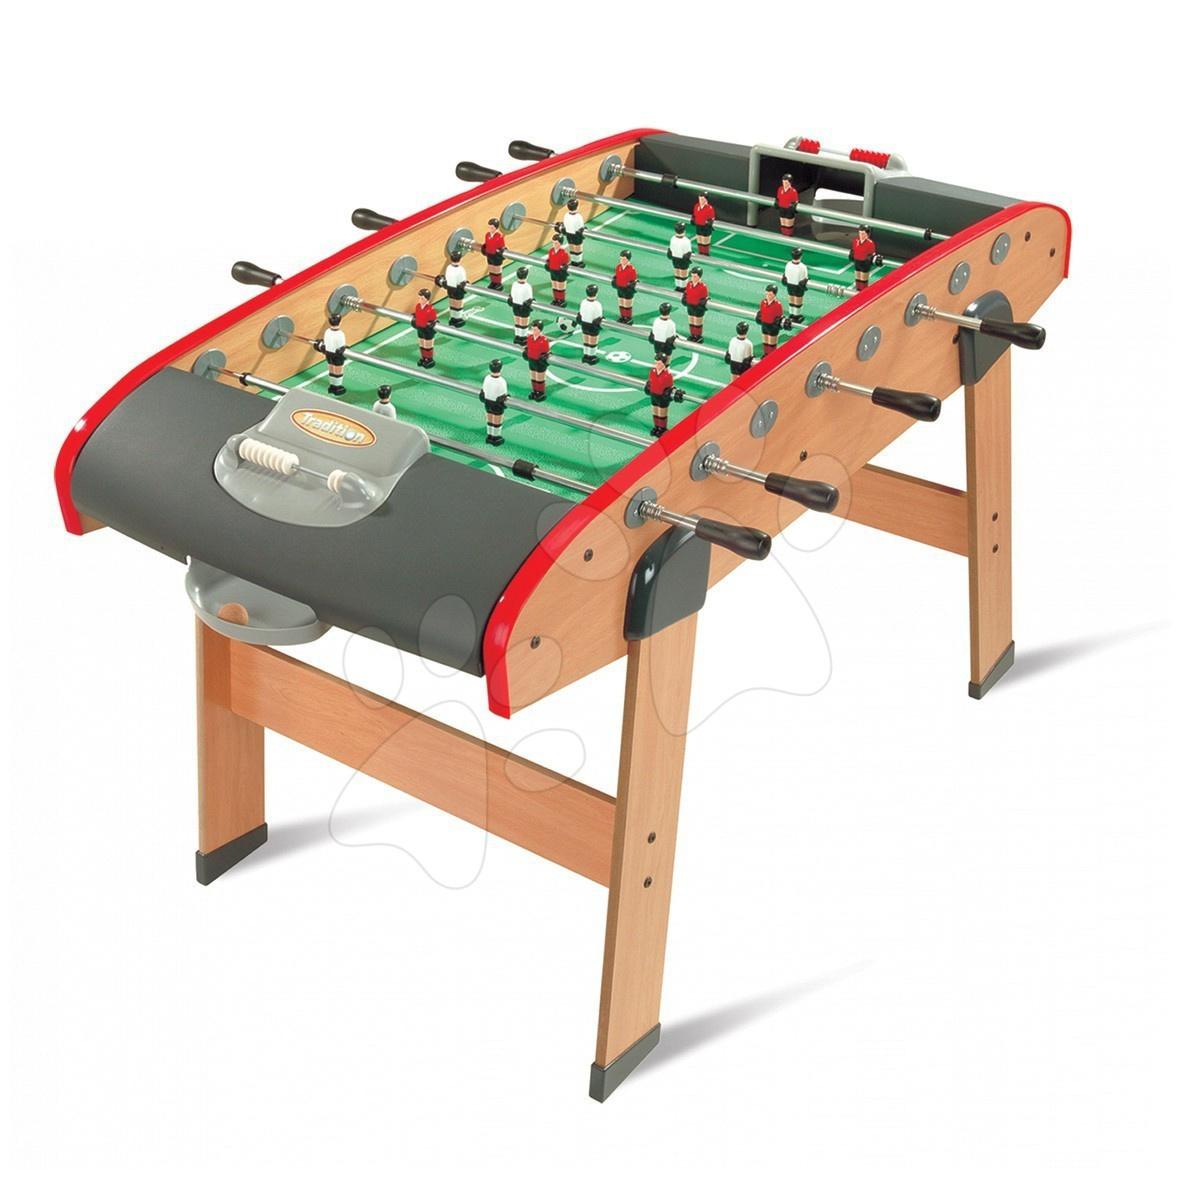 Stolní fotbal - Dřevěný fotbalový stůl Tradition Smoby #VALUE! od 8 let